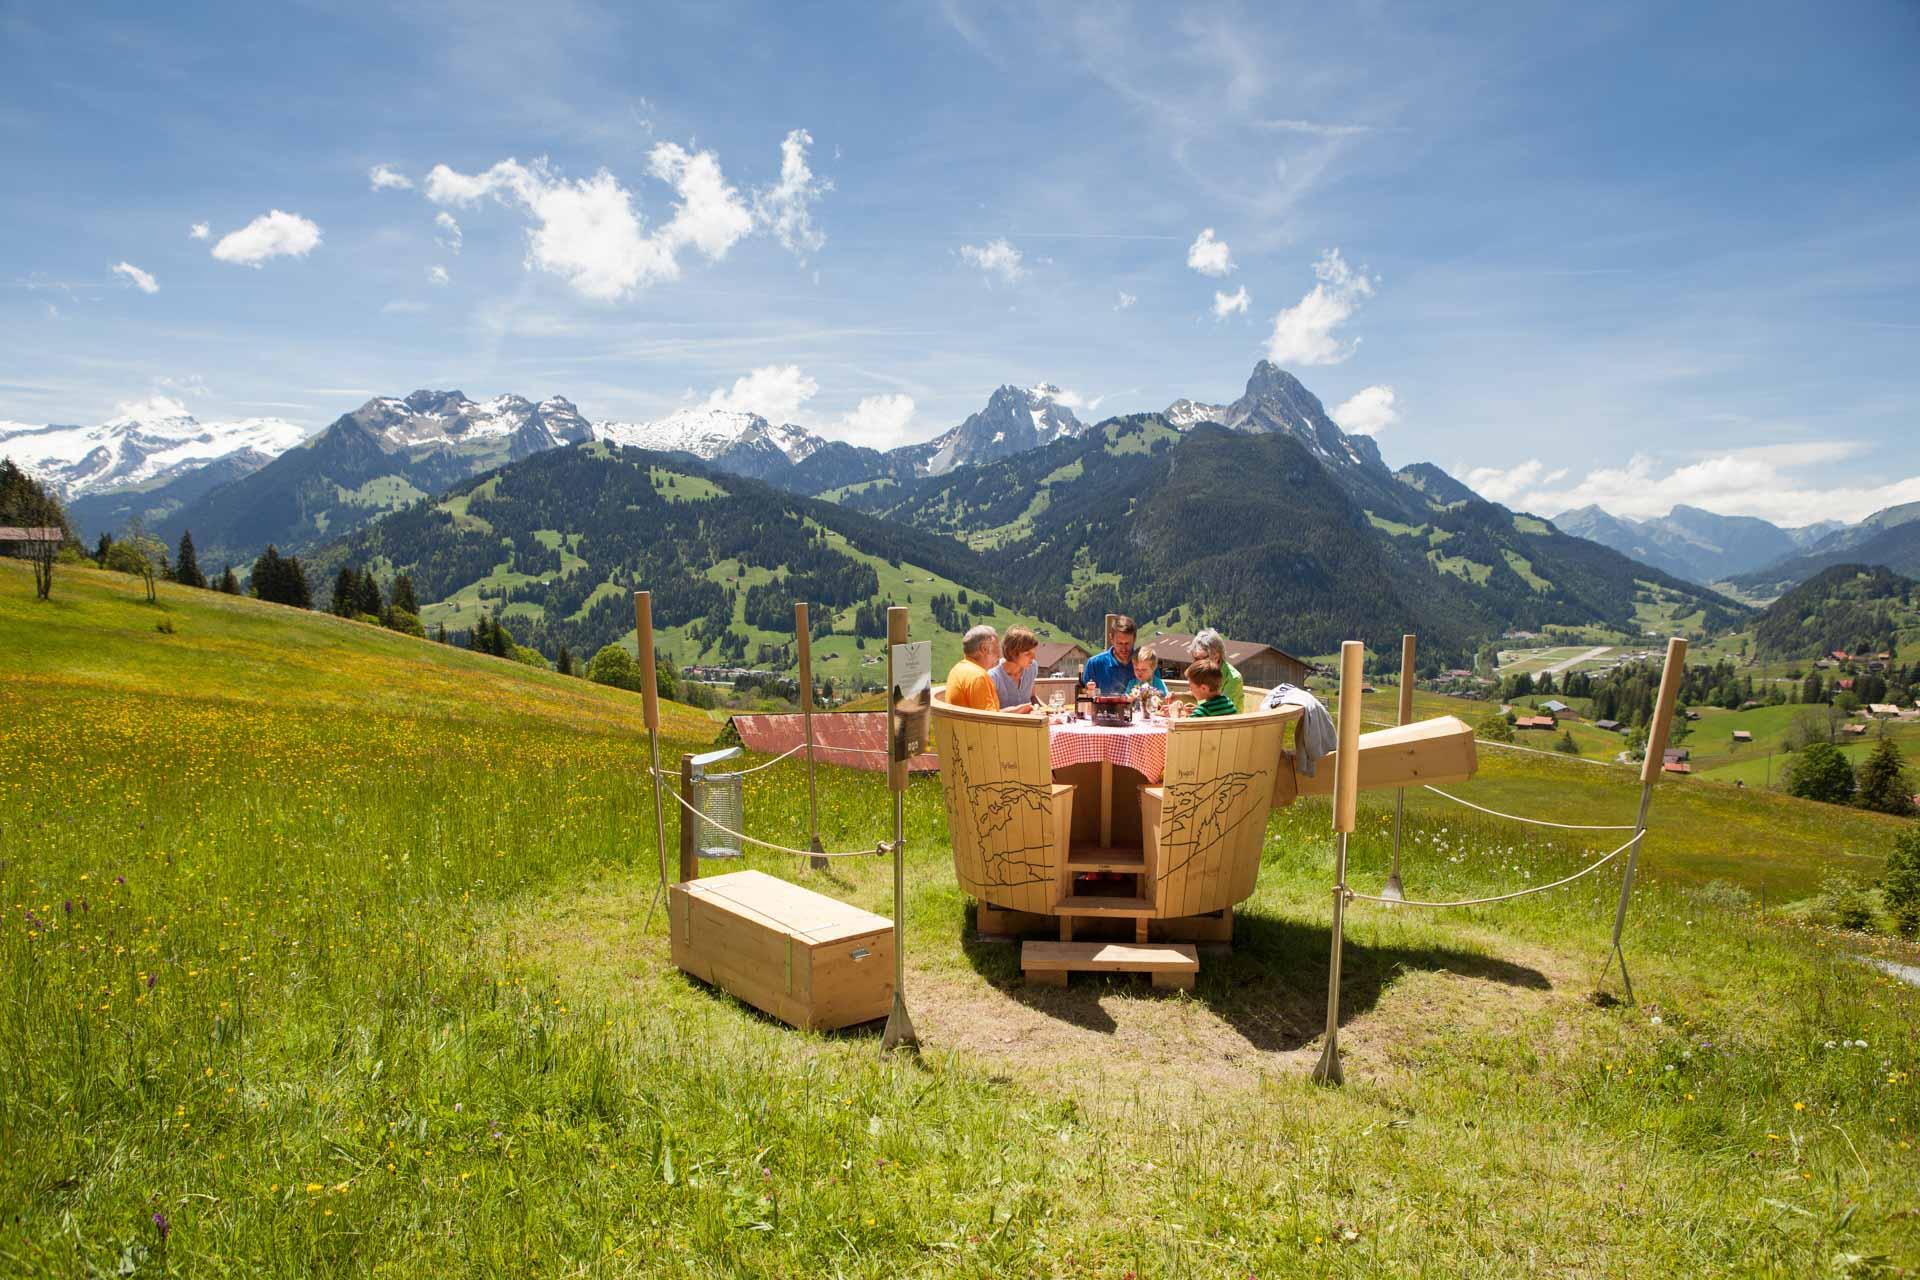 S'installer à une table face aux montagnes pour une fondue en plein air © Destination Gstaad.